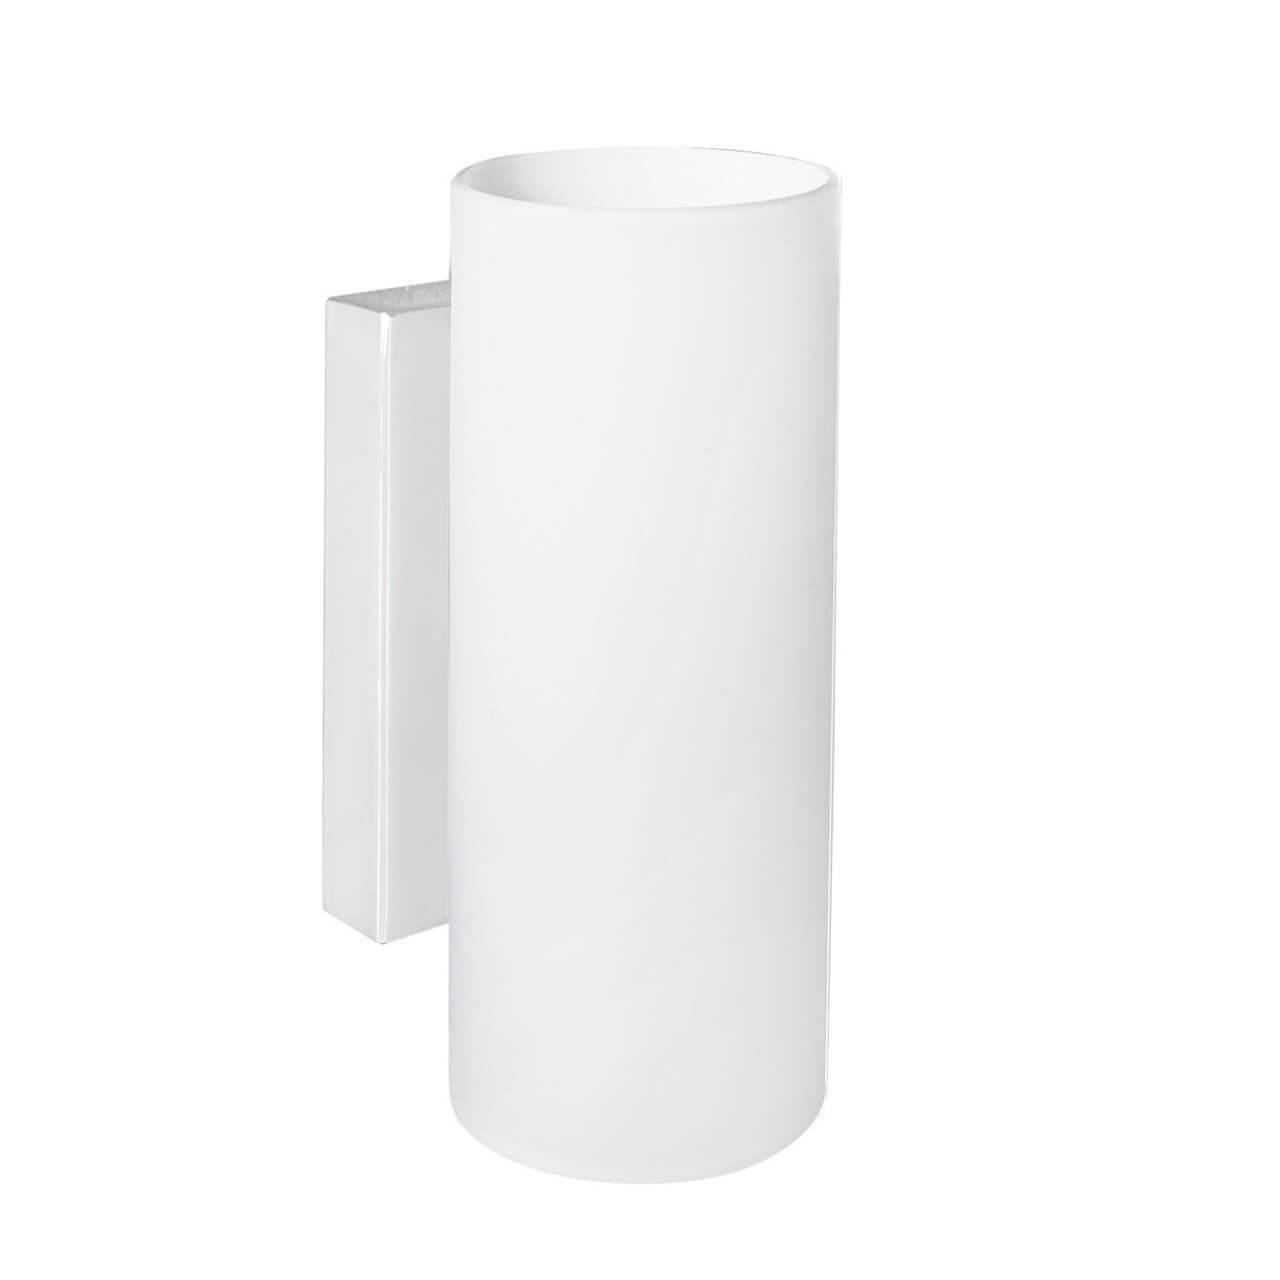 Фото - Настенный светильник Ideal Lux Paul AP2, G9, 40 Вт потолочный светильник ideal lux pl6 g9 max 6 x 40w g9 вт